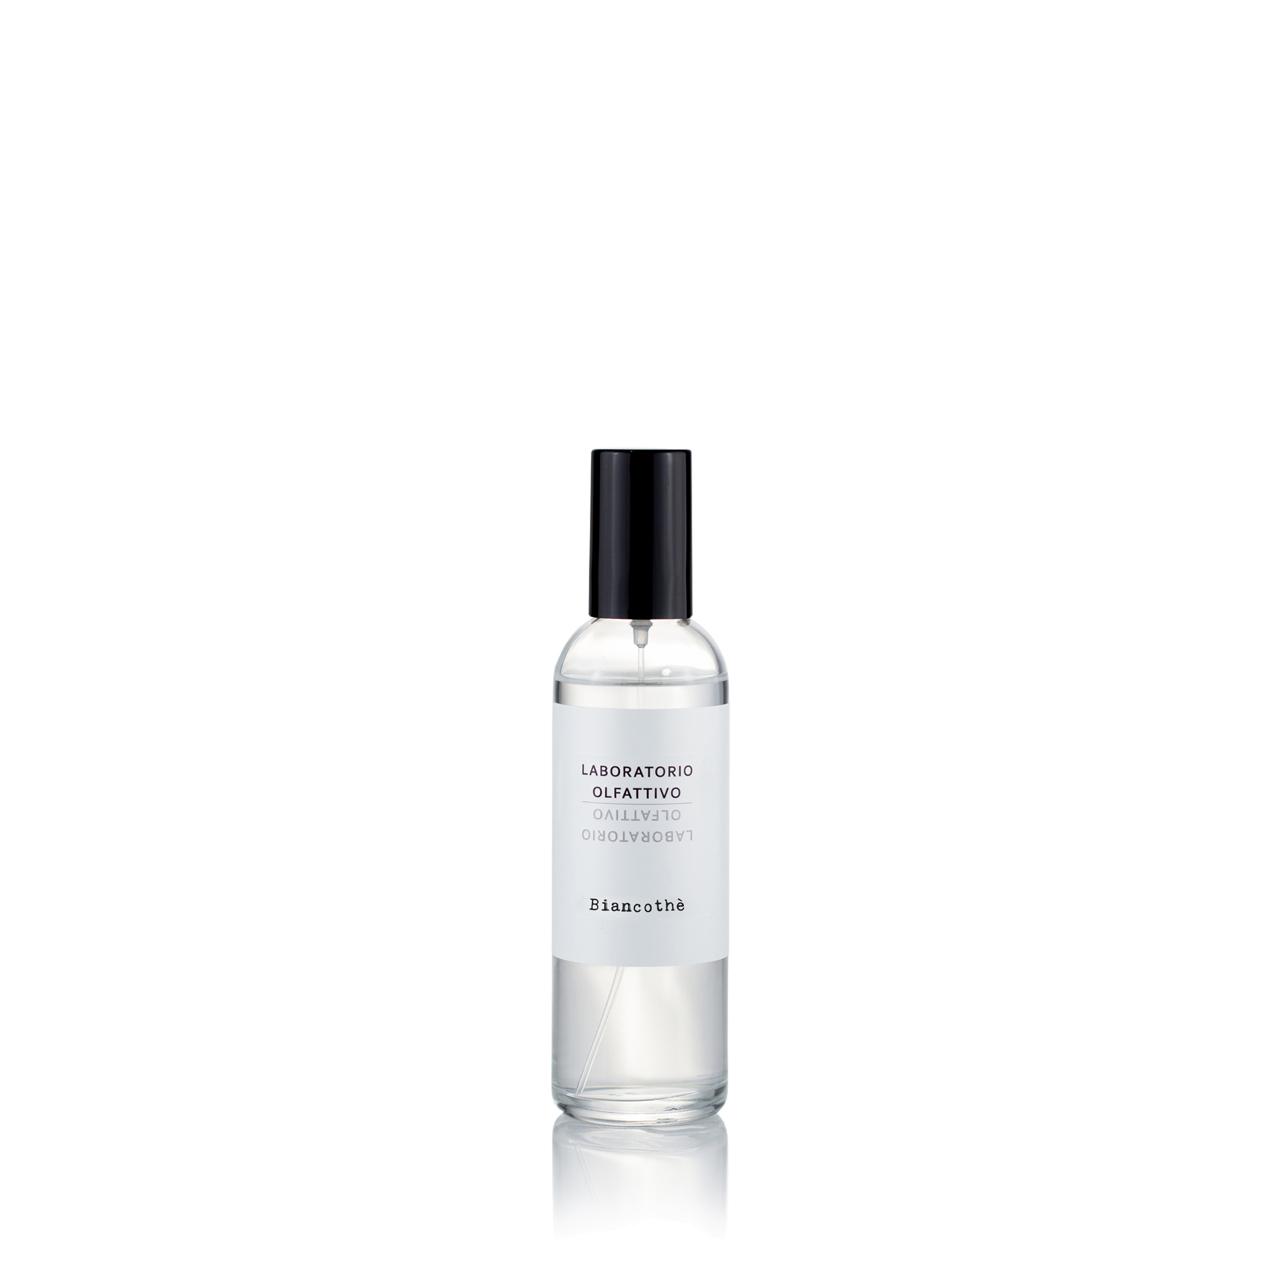 Biancothé - Room Fragrance